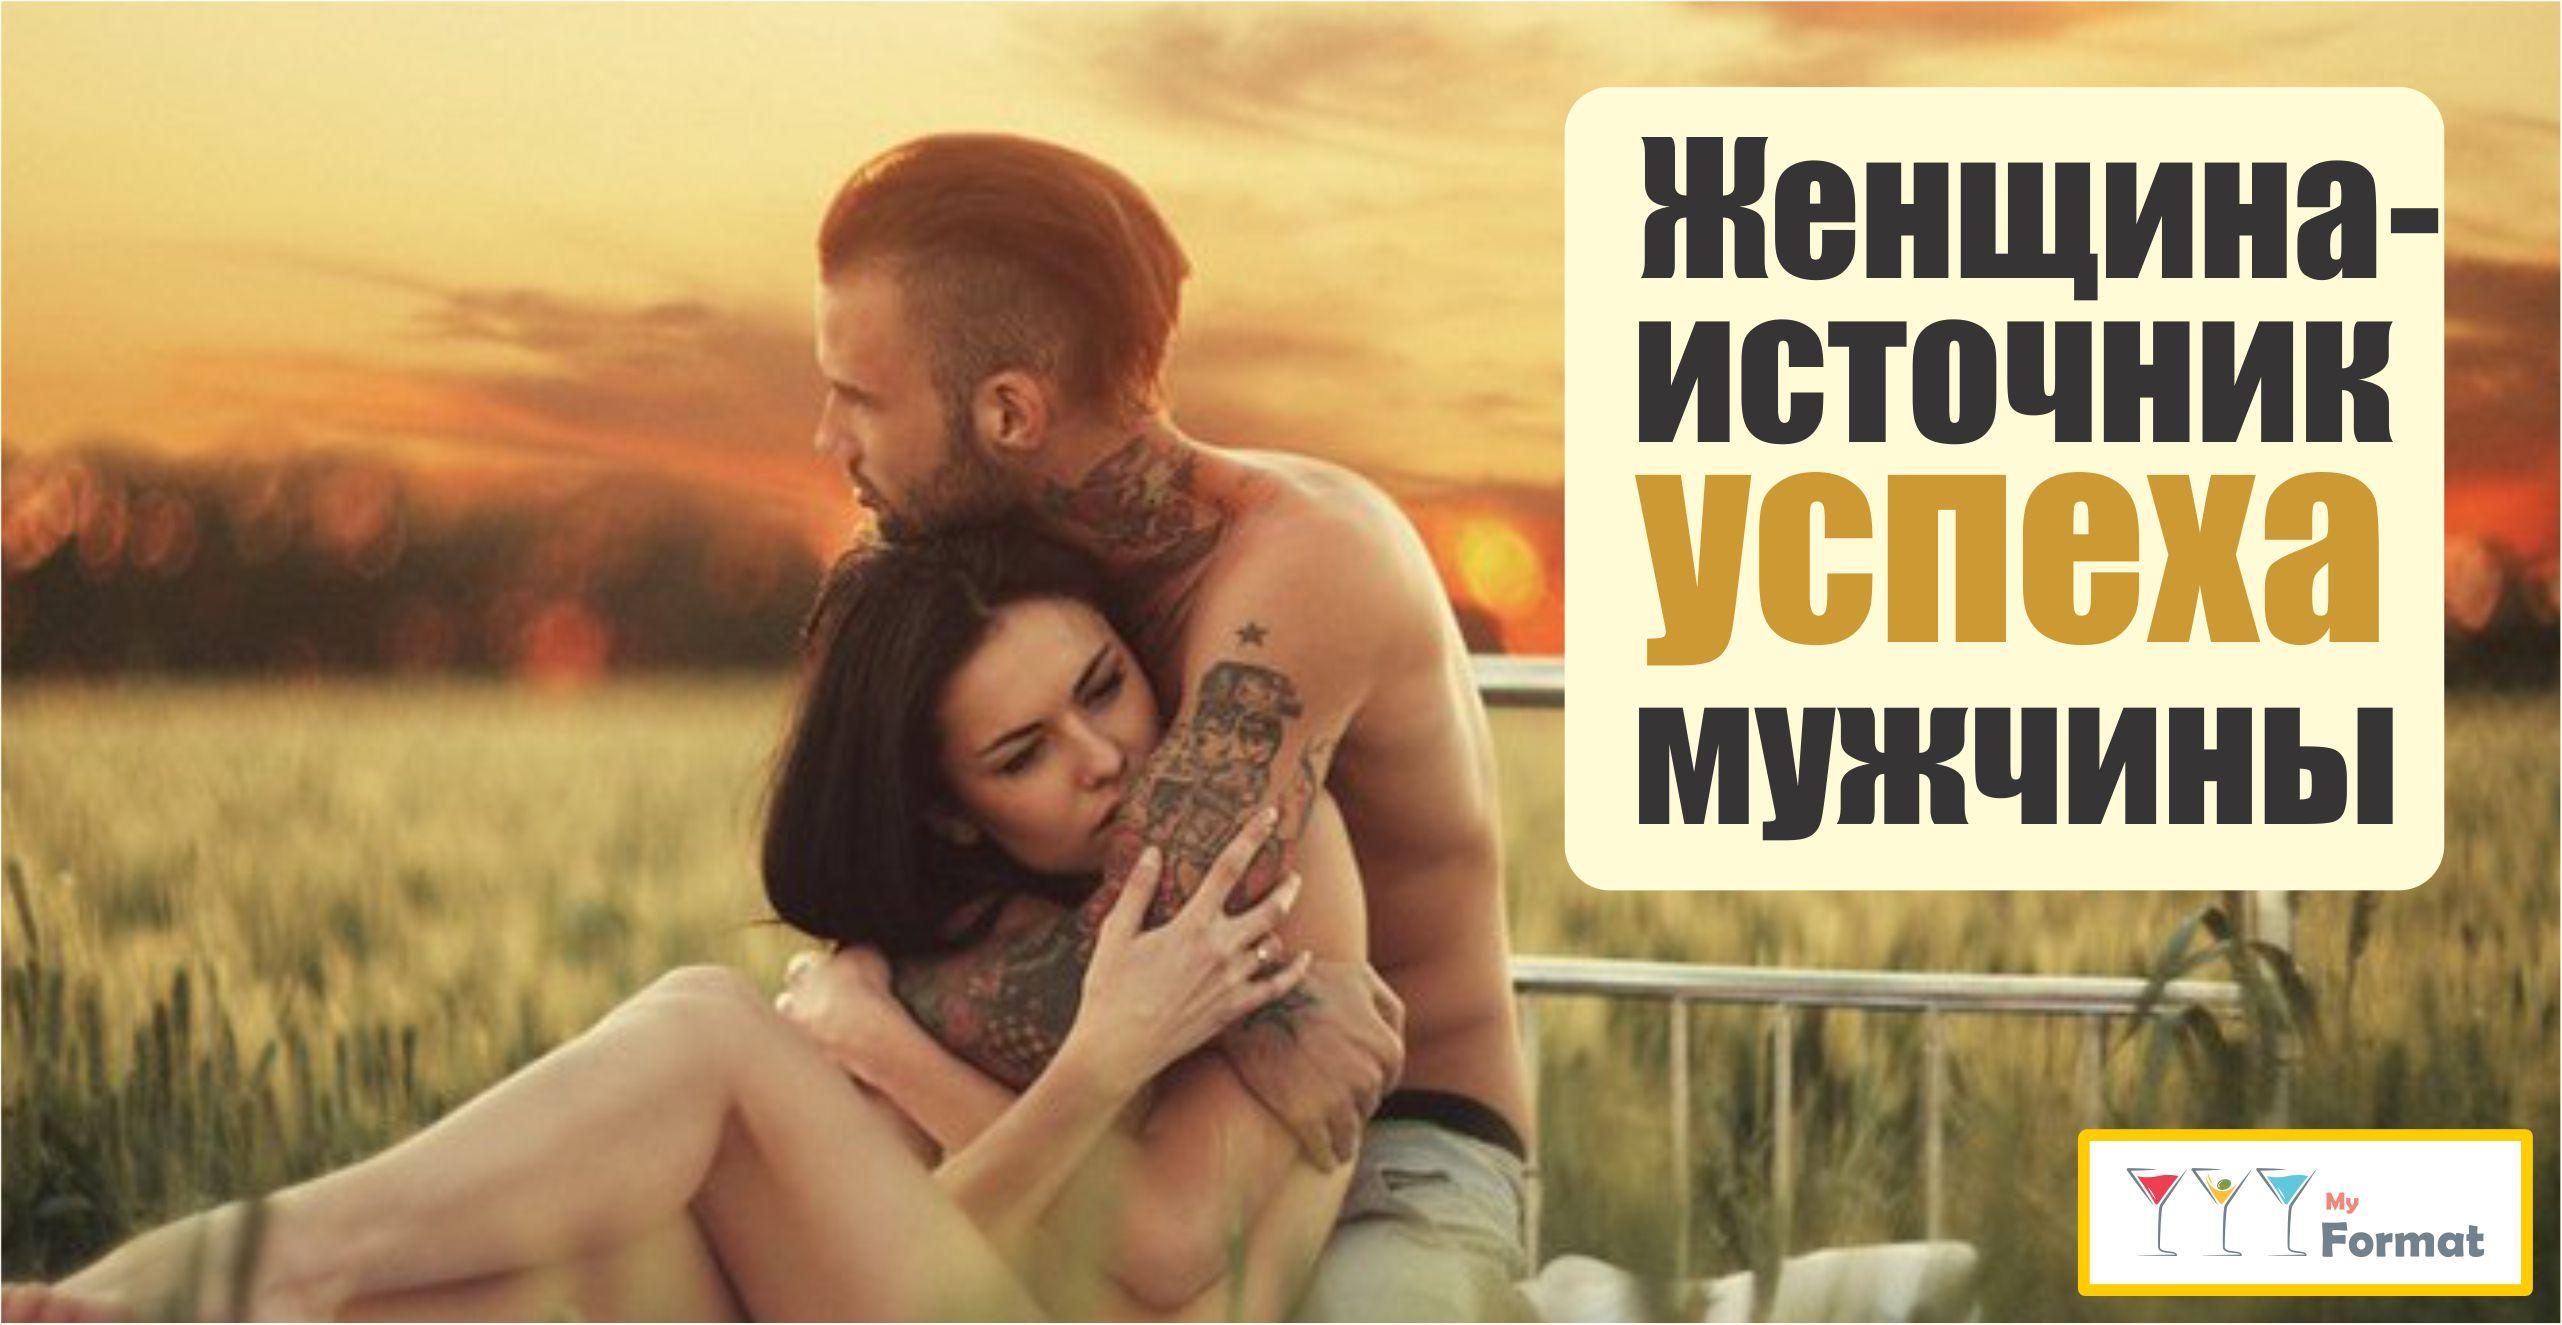 55-летний брак по расчету: кого вера васильева считает главным мужчиной в жизни